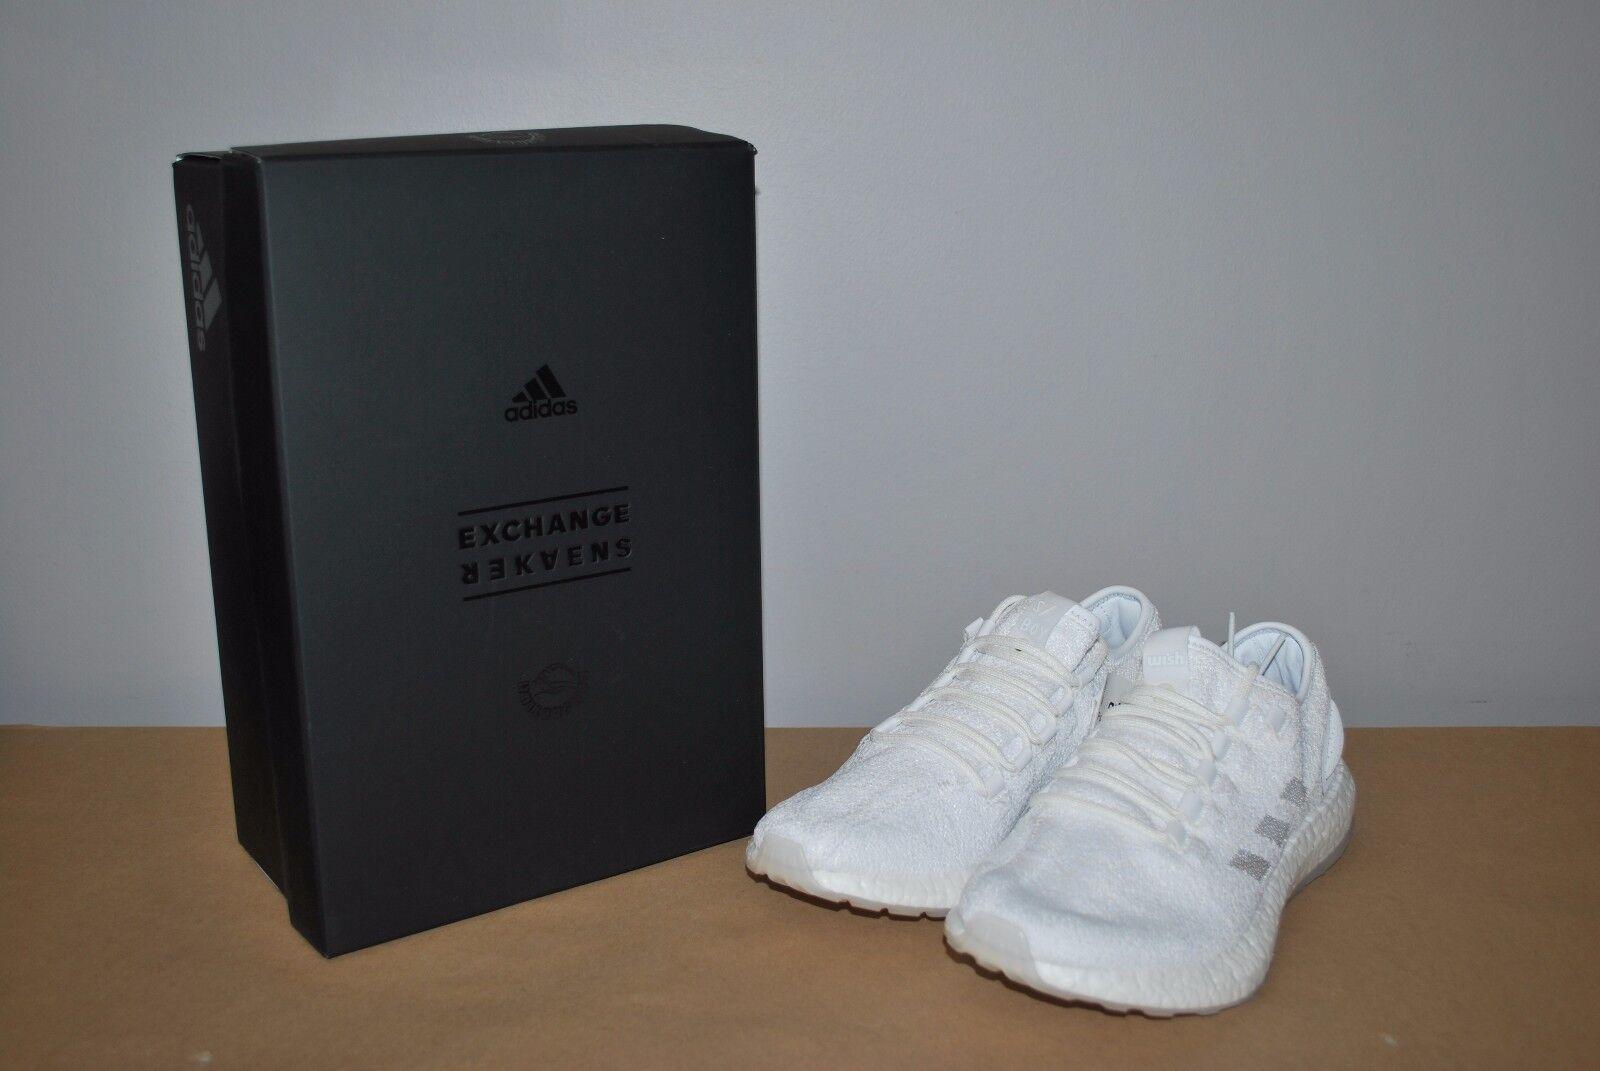 Adidas consorzio sneakerboy desiderio pureboost dello - s80981 medusa glow - dello sz.7,5 78c106